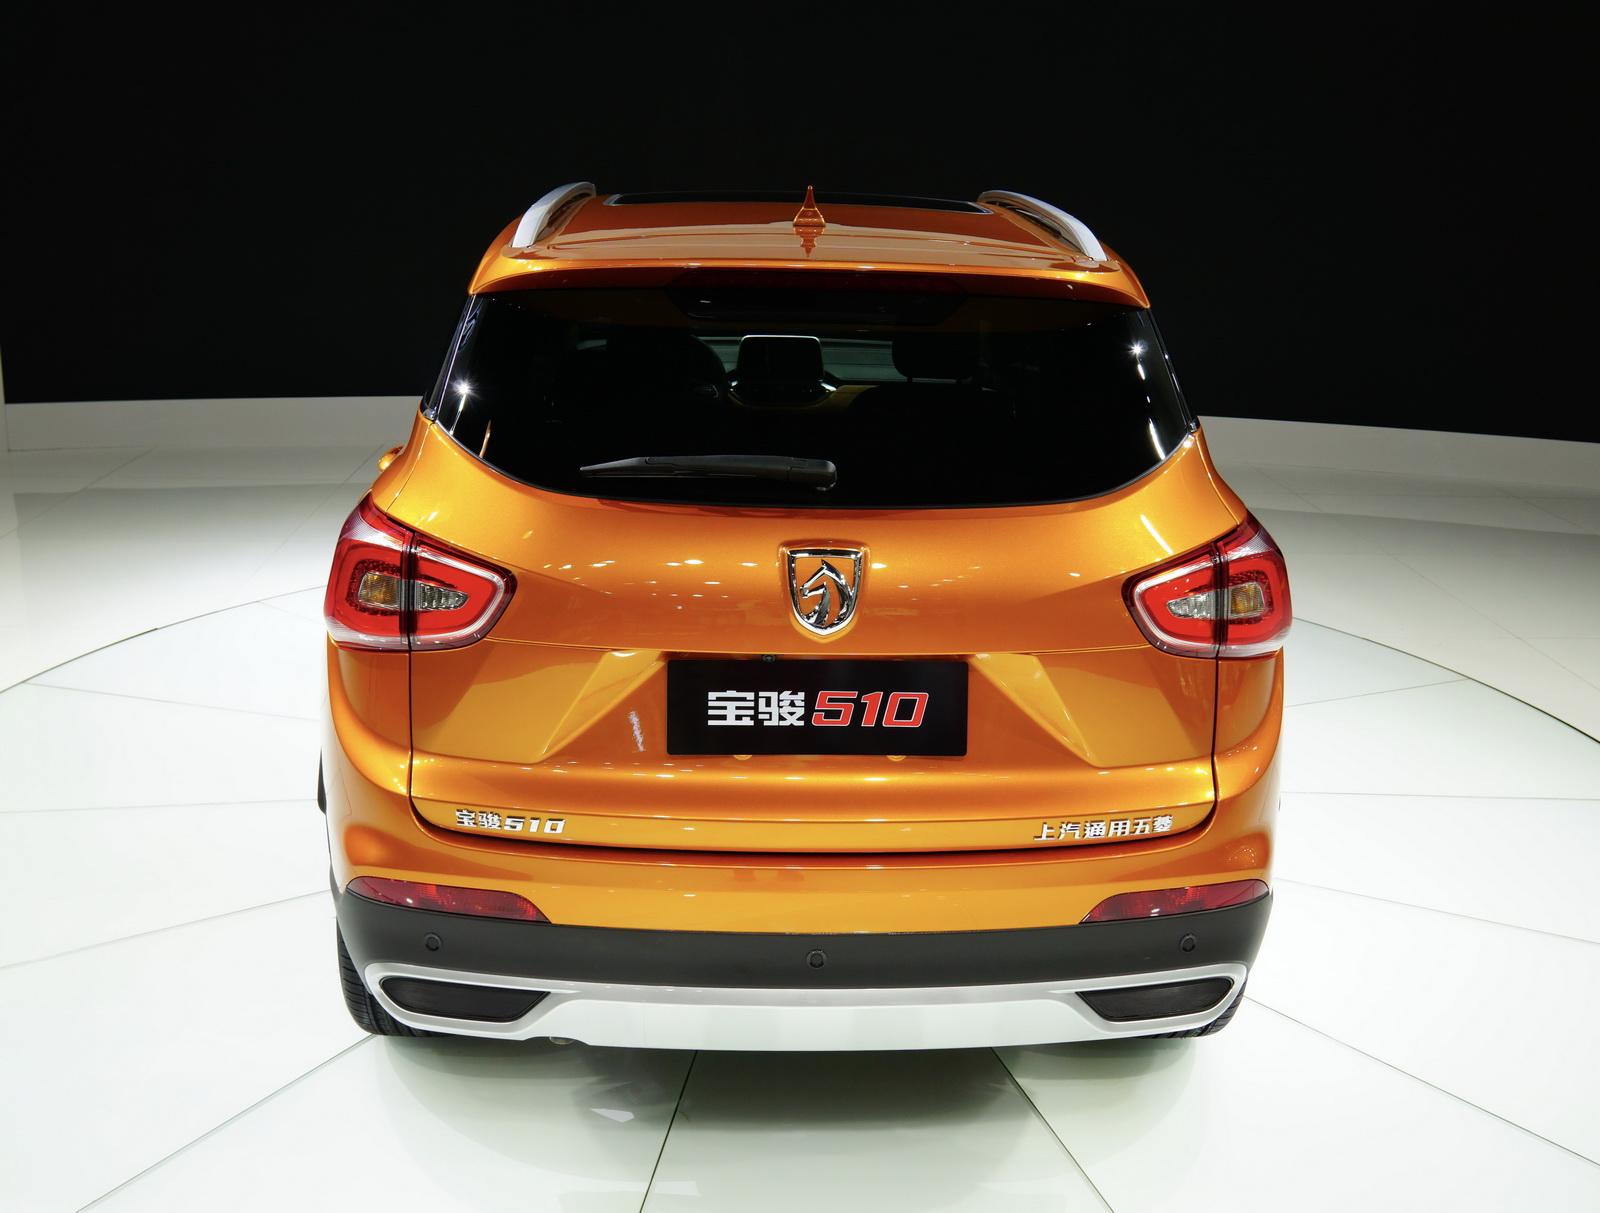 «Живые» продажи компакт-кросса Baojun 510 стартуют кконцу зимы